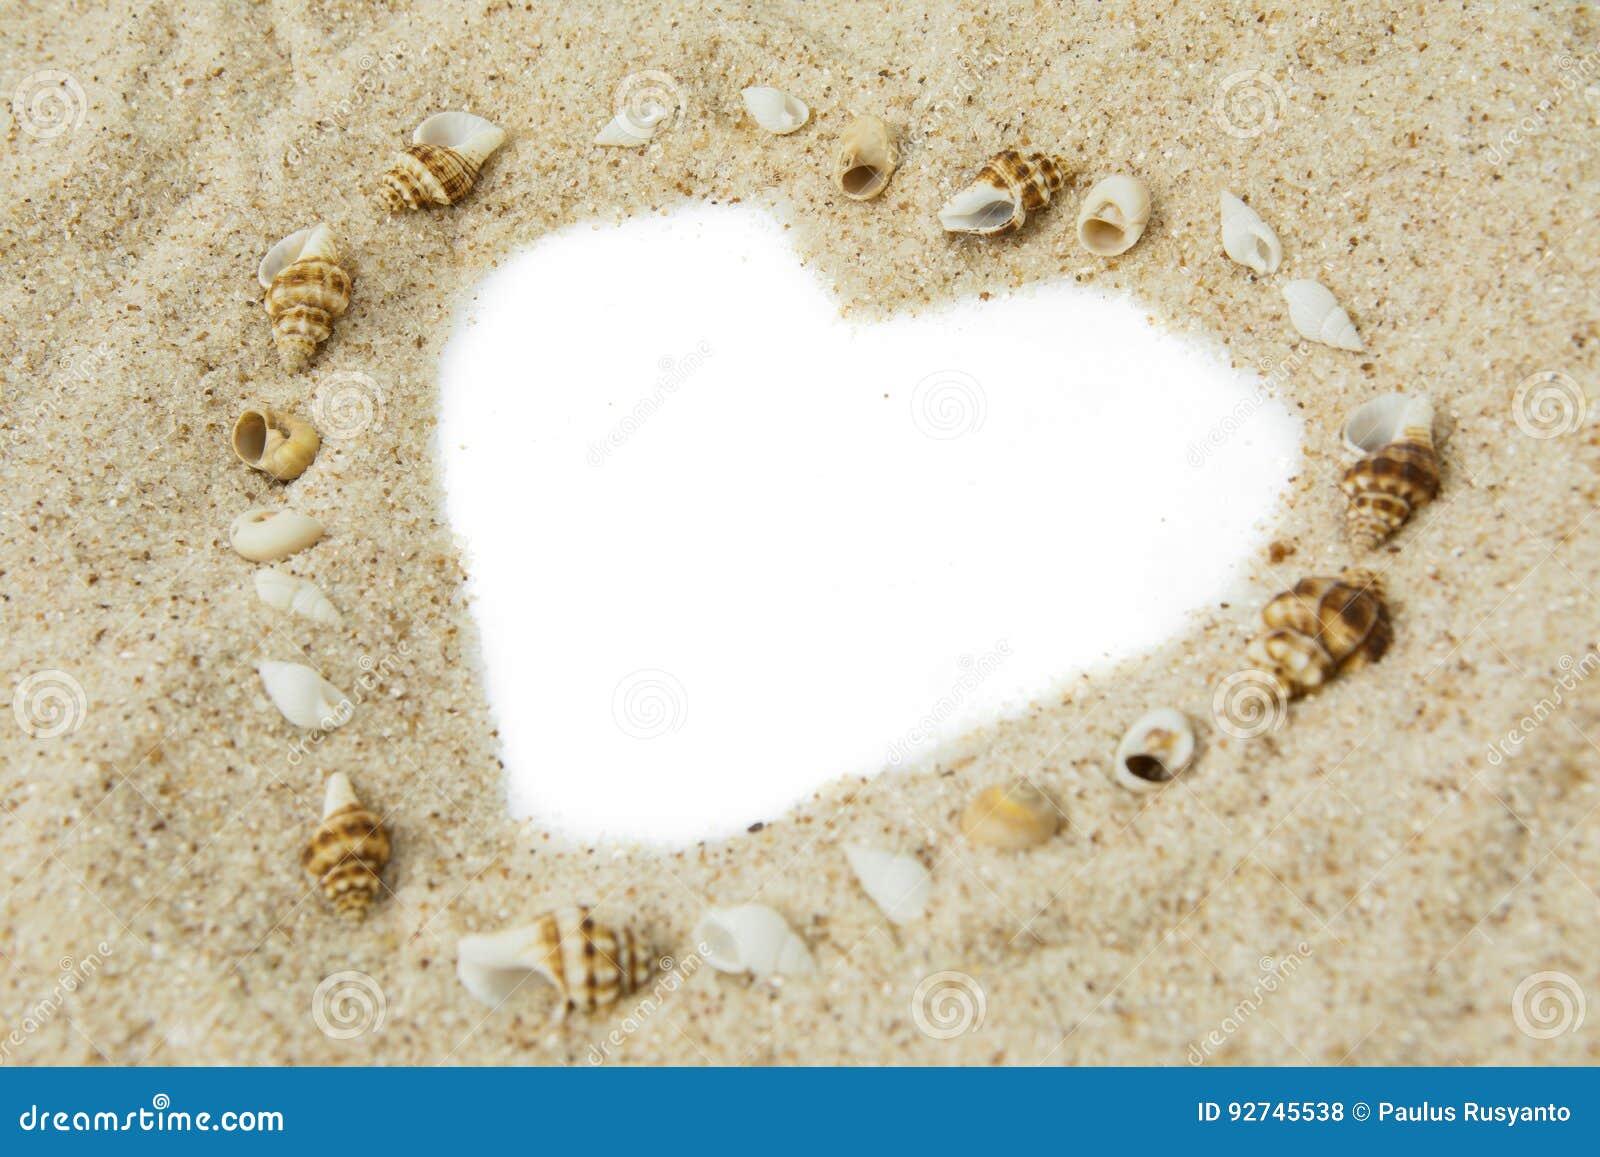 Conchiglie con forma del cuore sulla sabbia